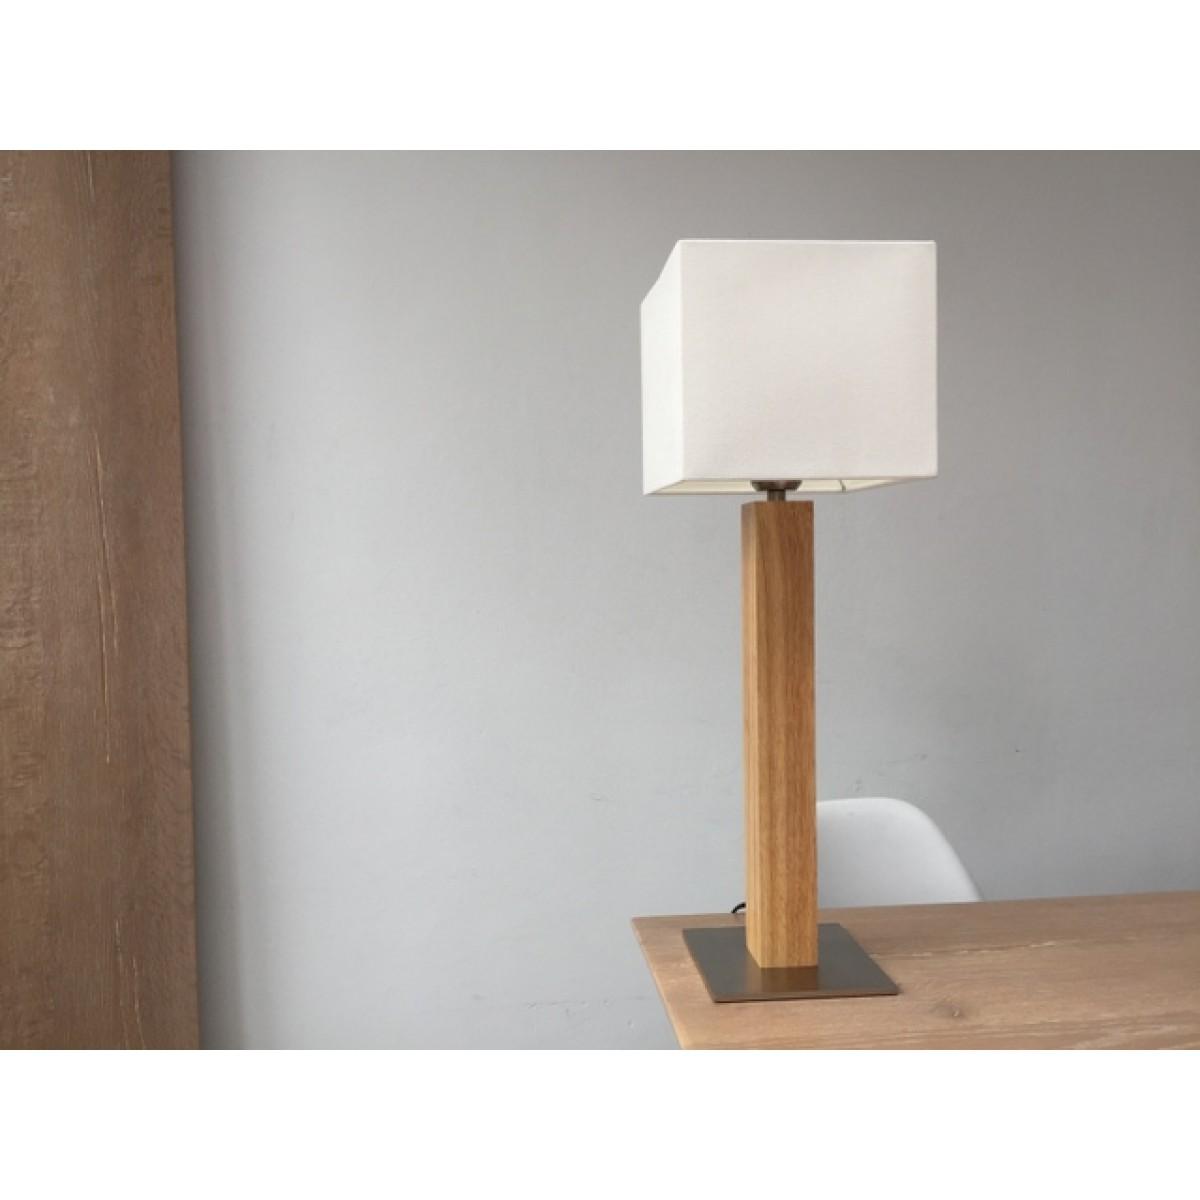 Tischlampe Holz Kupfer Tischlampe Holz Tischleuchte Lampe Leuchte